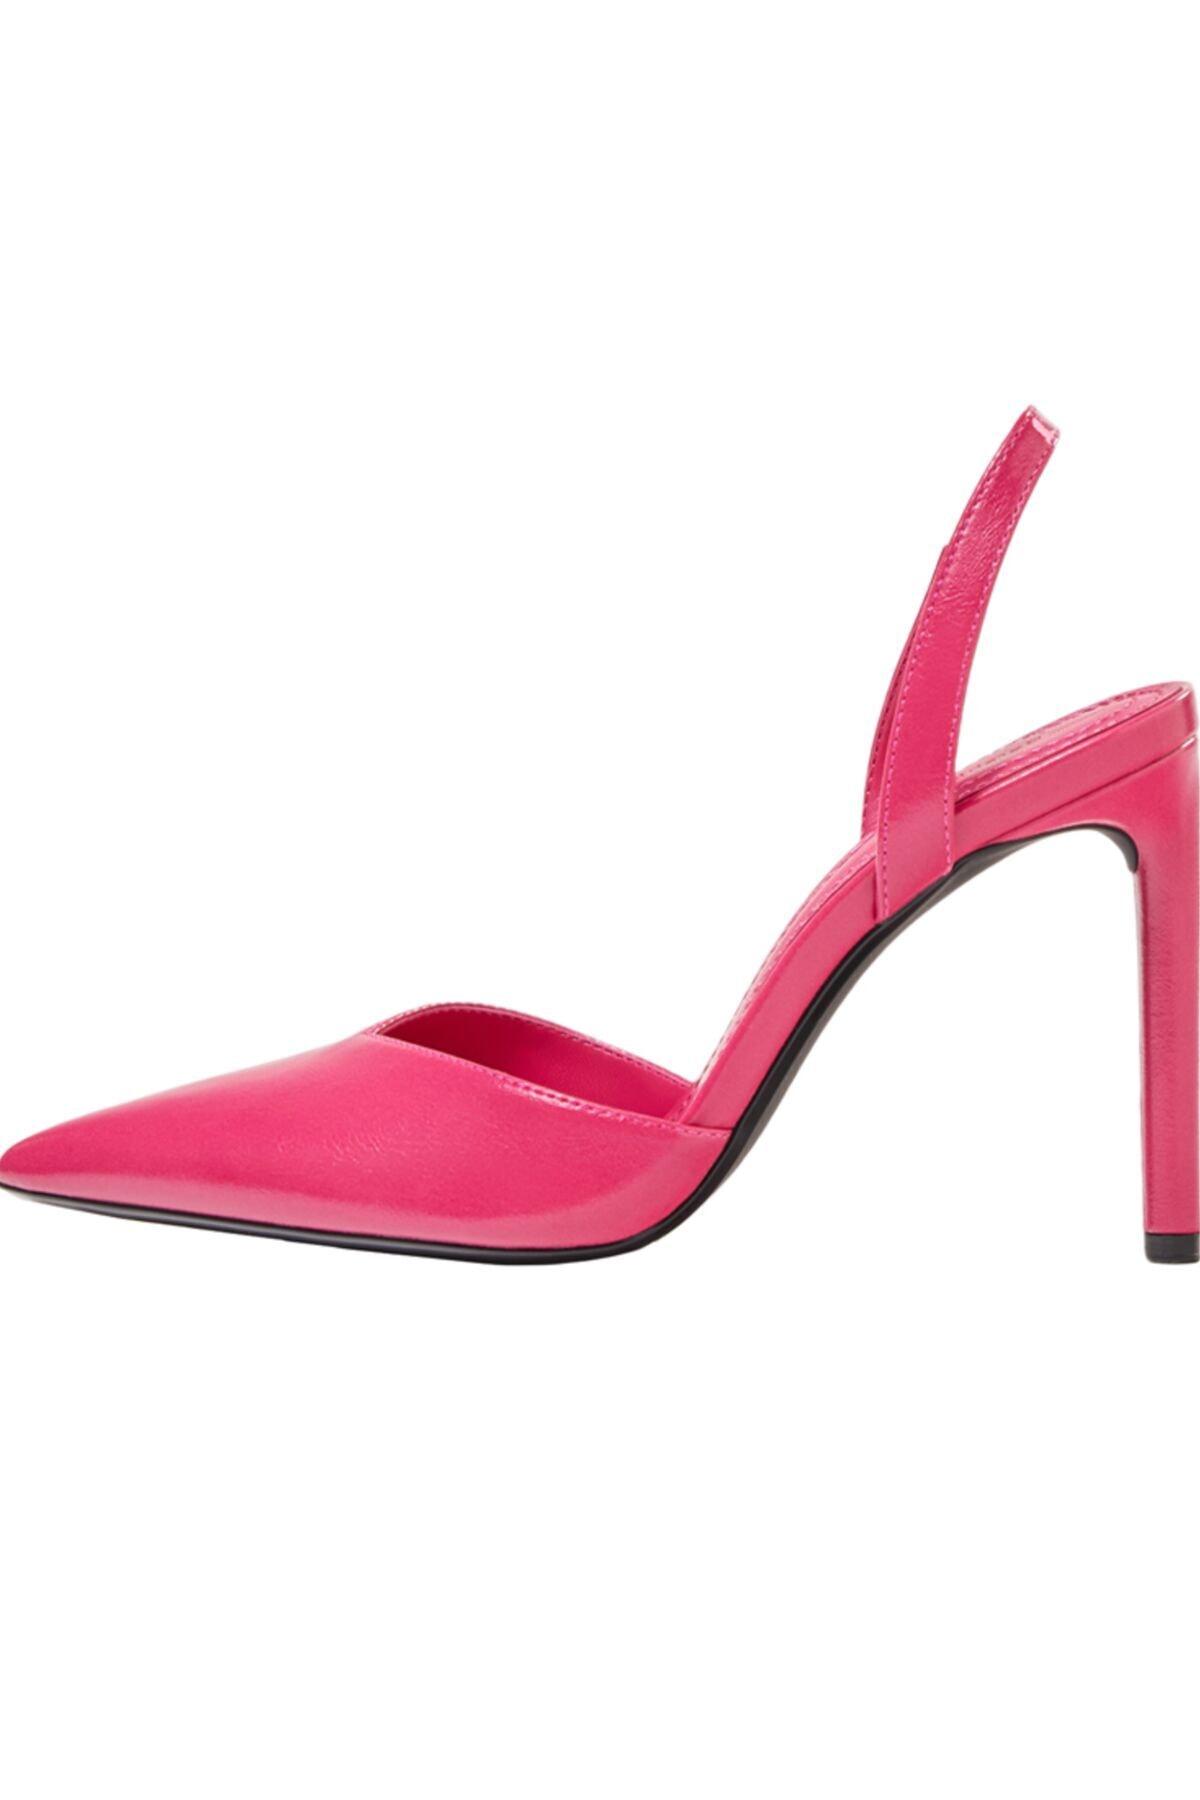 Bershka Kadın Fuşya Topuğu Açık, İnce Topuklu Ayakkabı 2